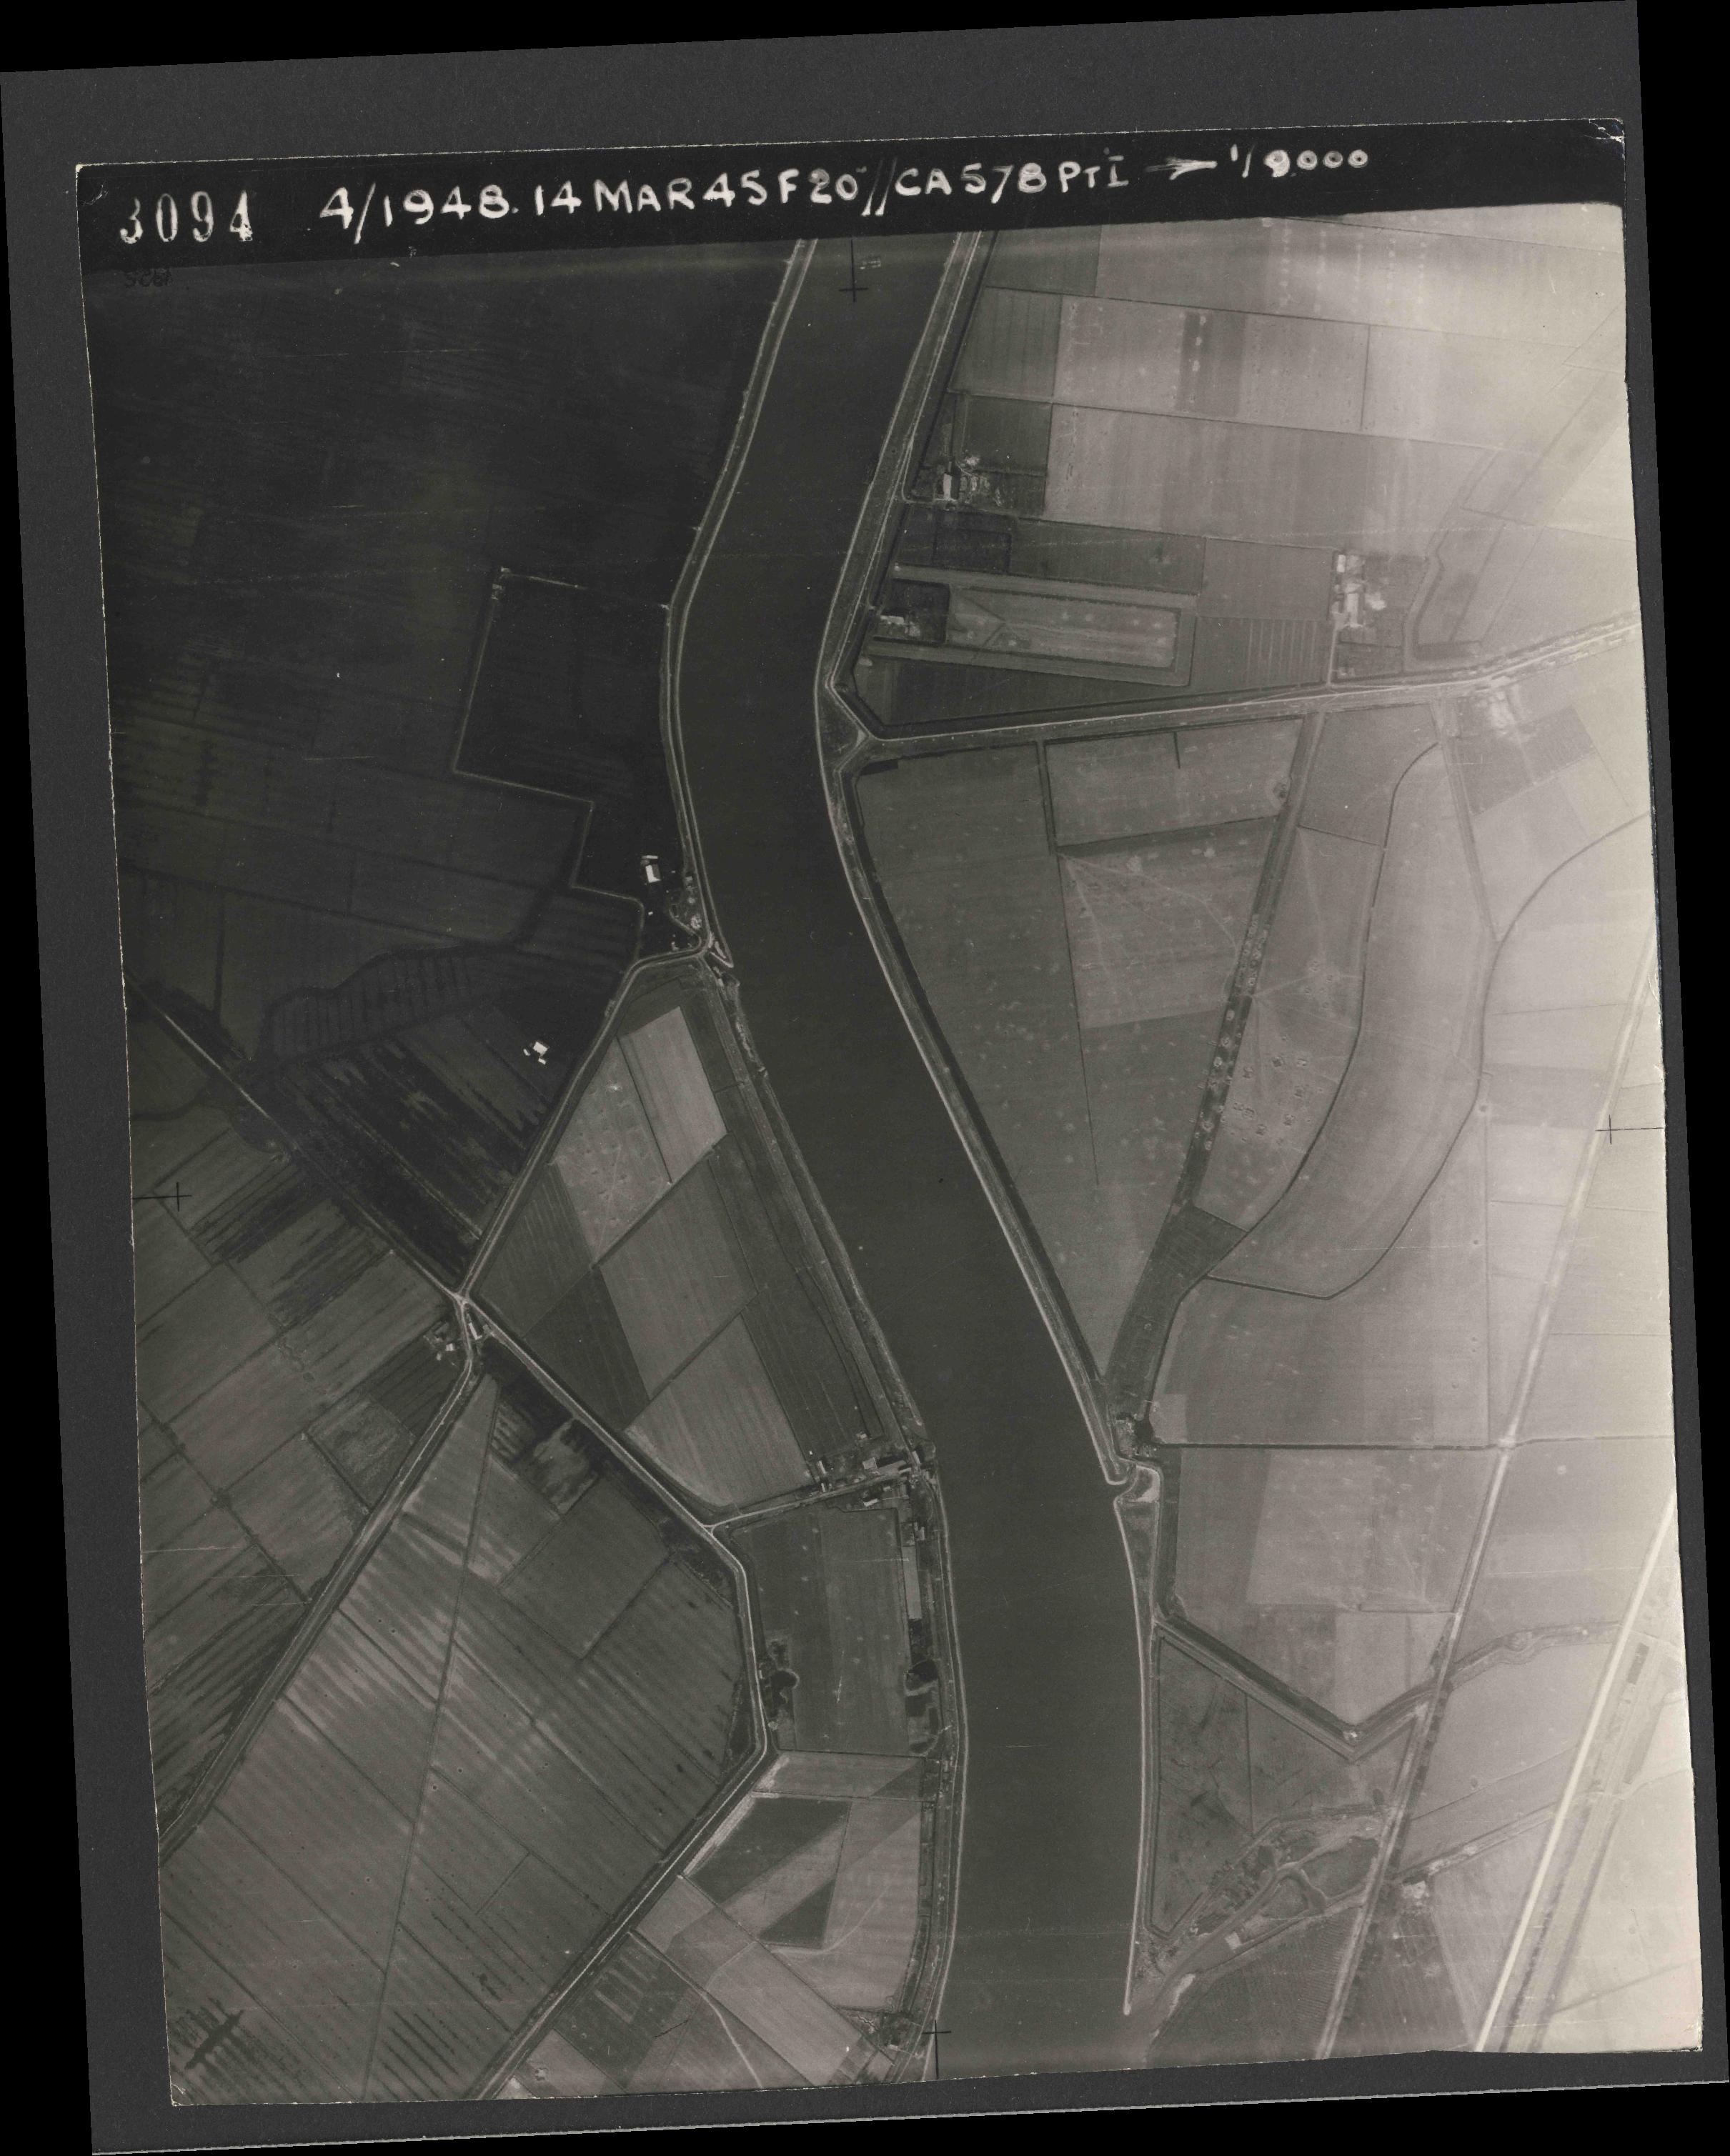 Collection RAF aerial photos 1940-1945 - flight 095, run 02, photo 3094